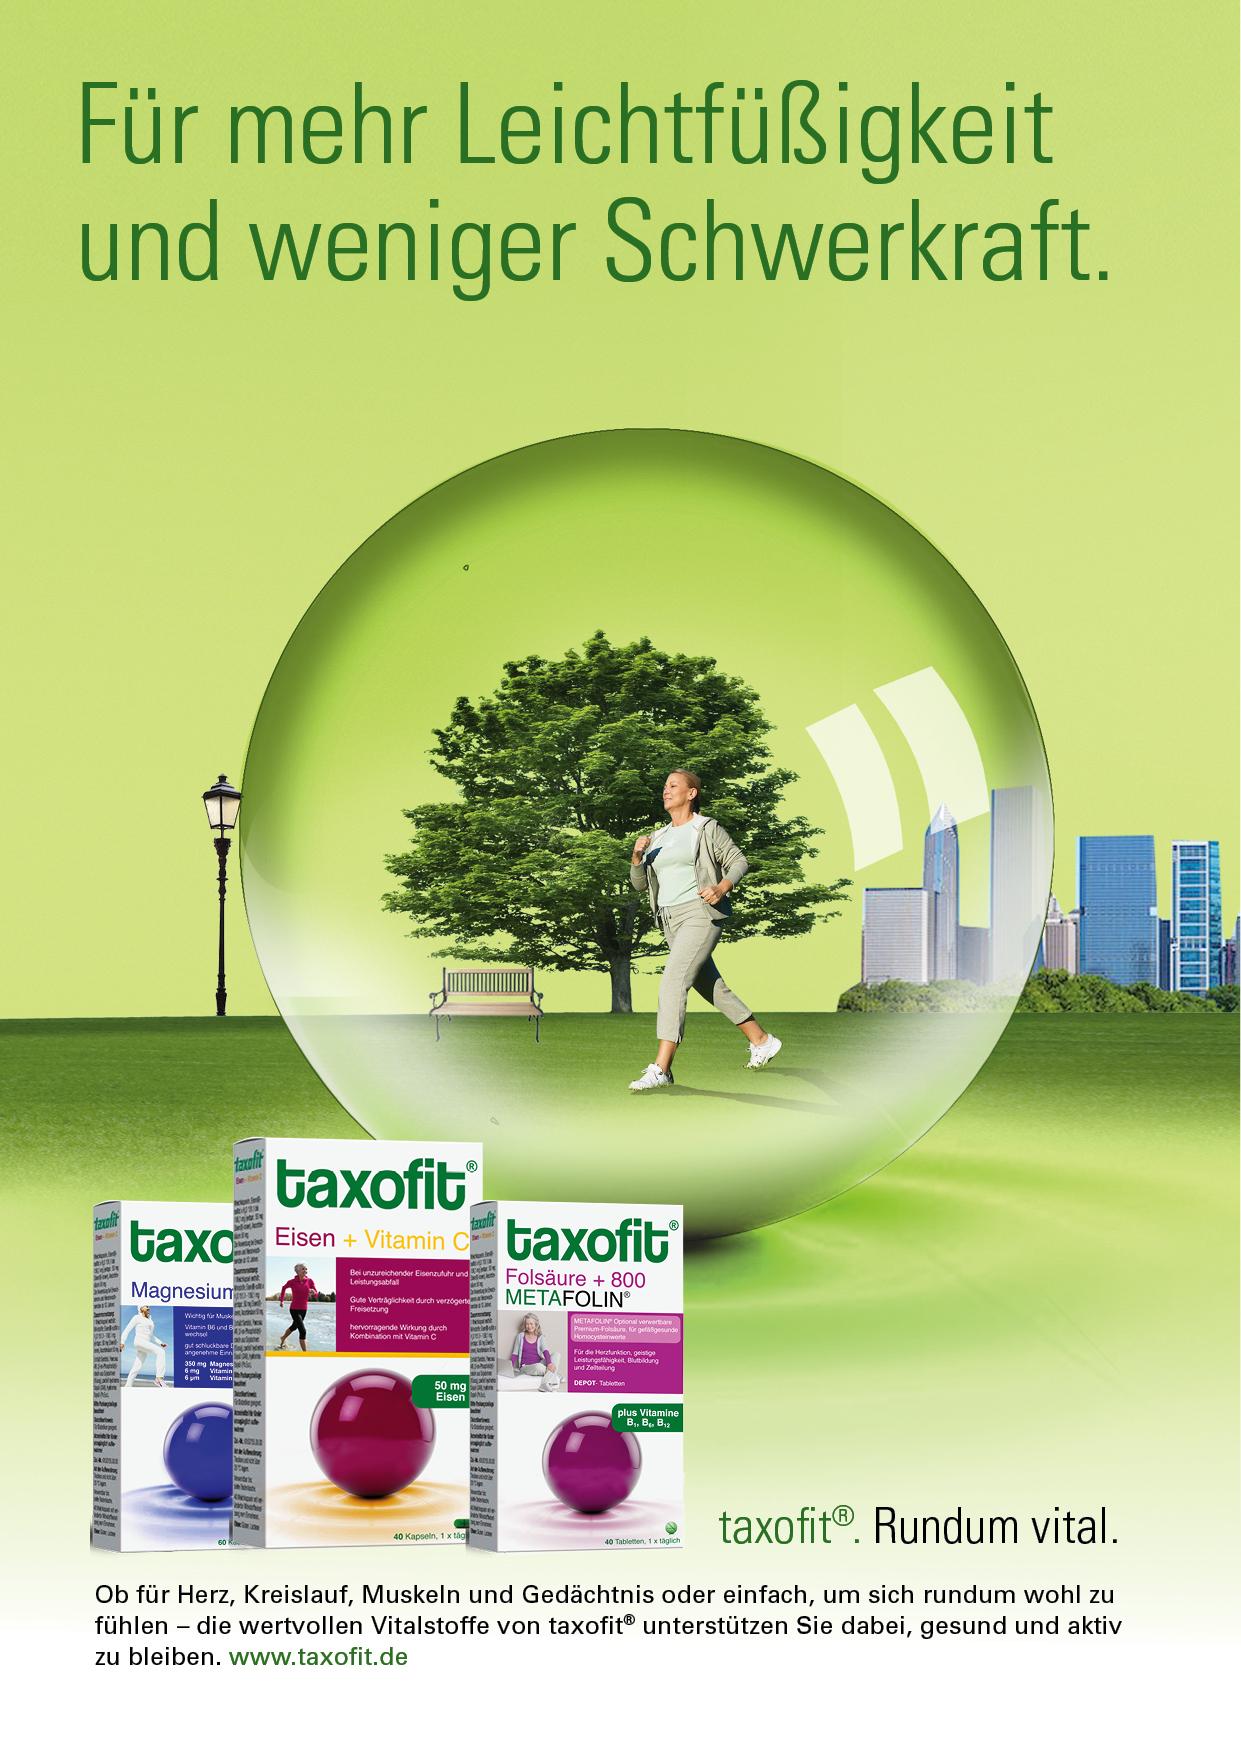 20121125_Taxofit_Anzeigen_A43